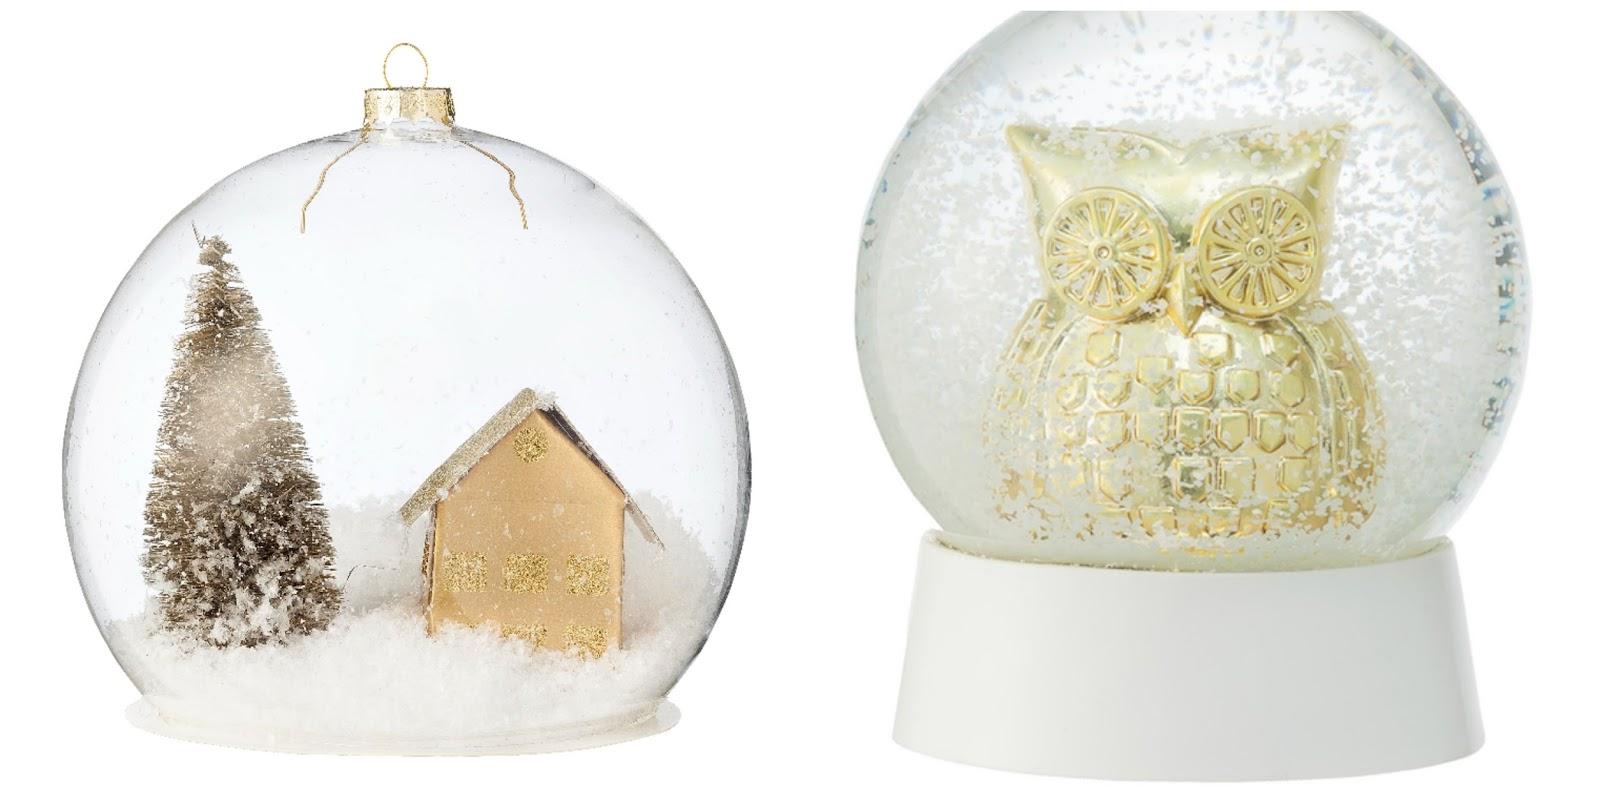 hema kerstcollectie goud zilver sneeuwglobes